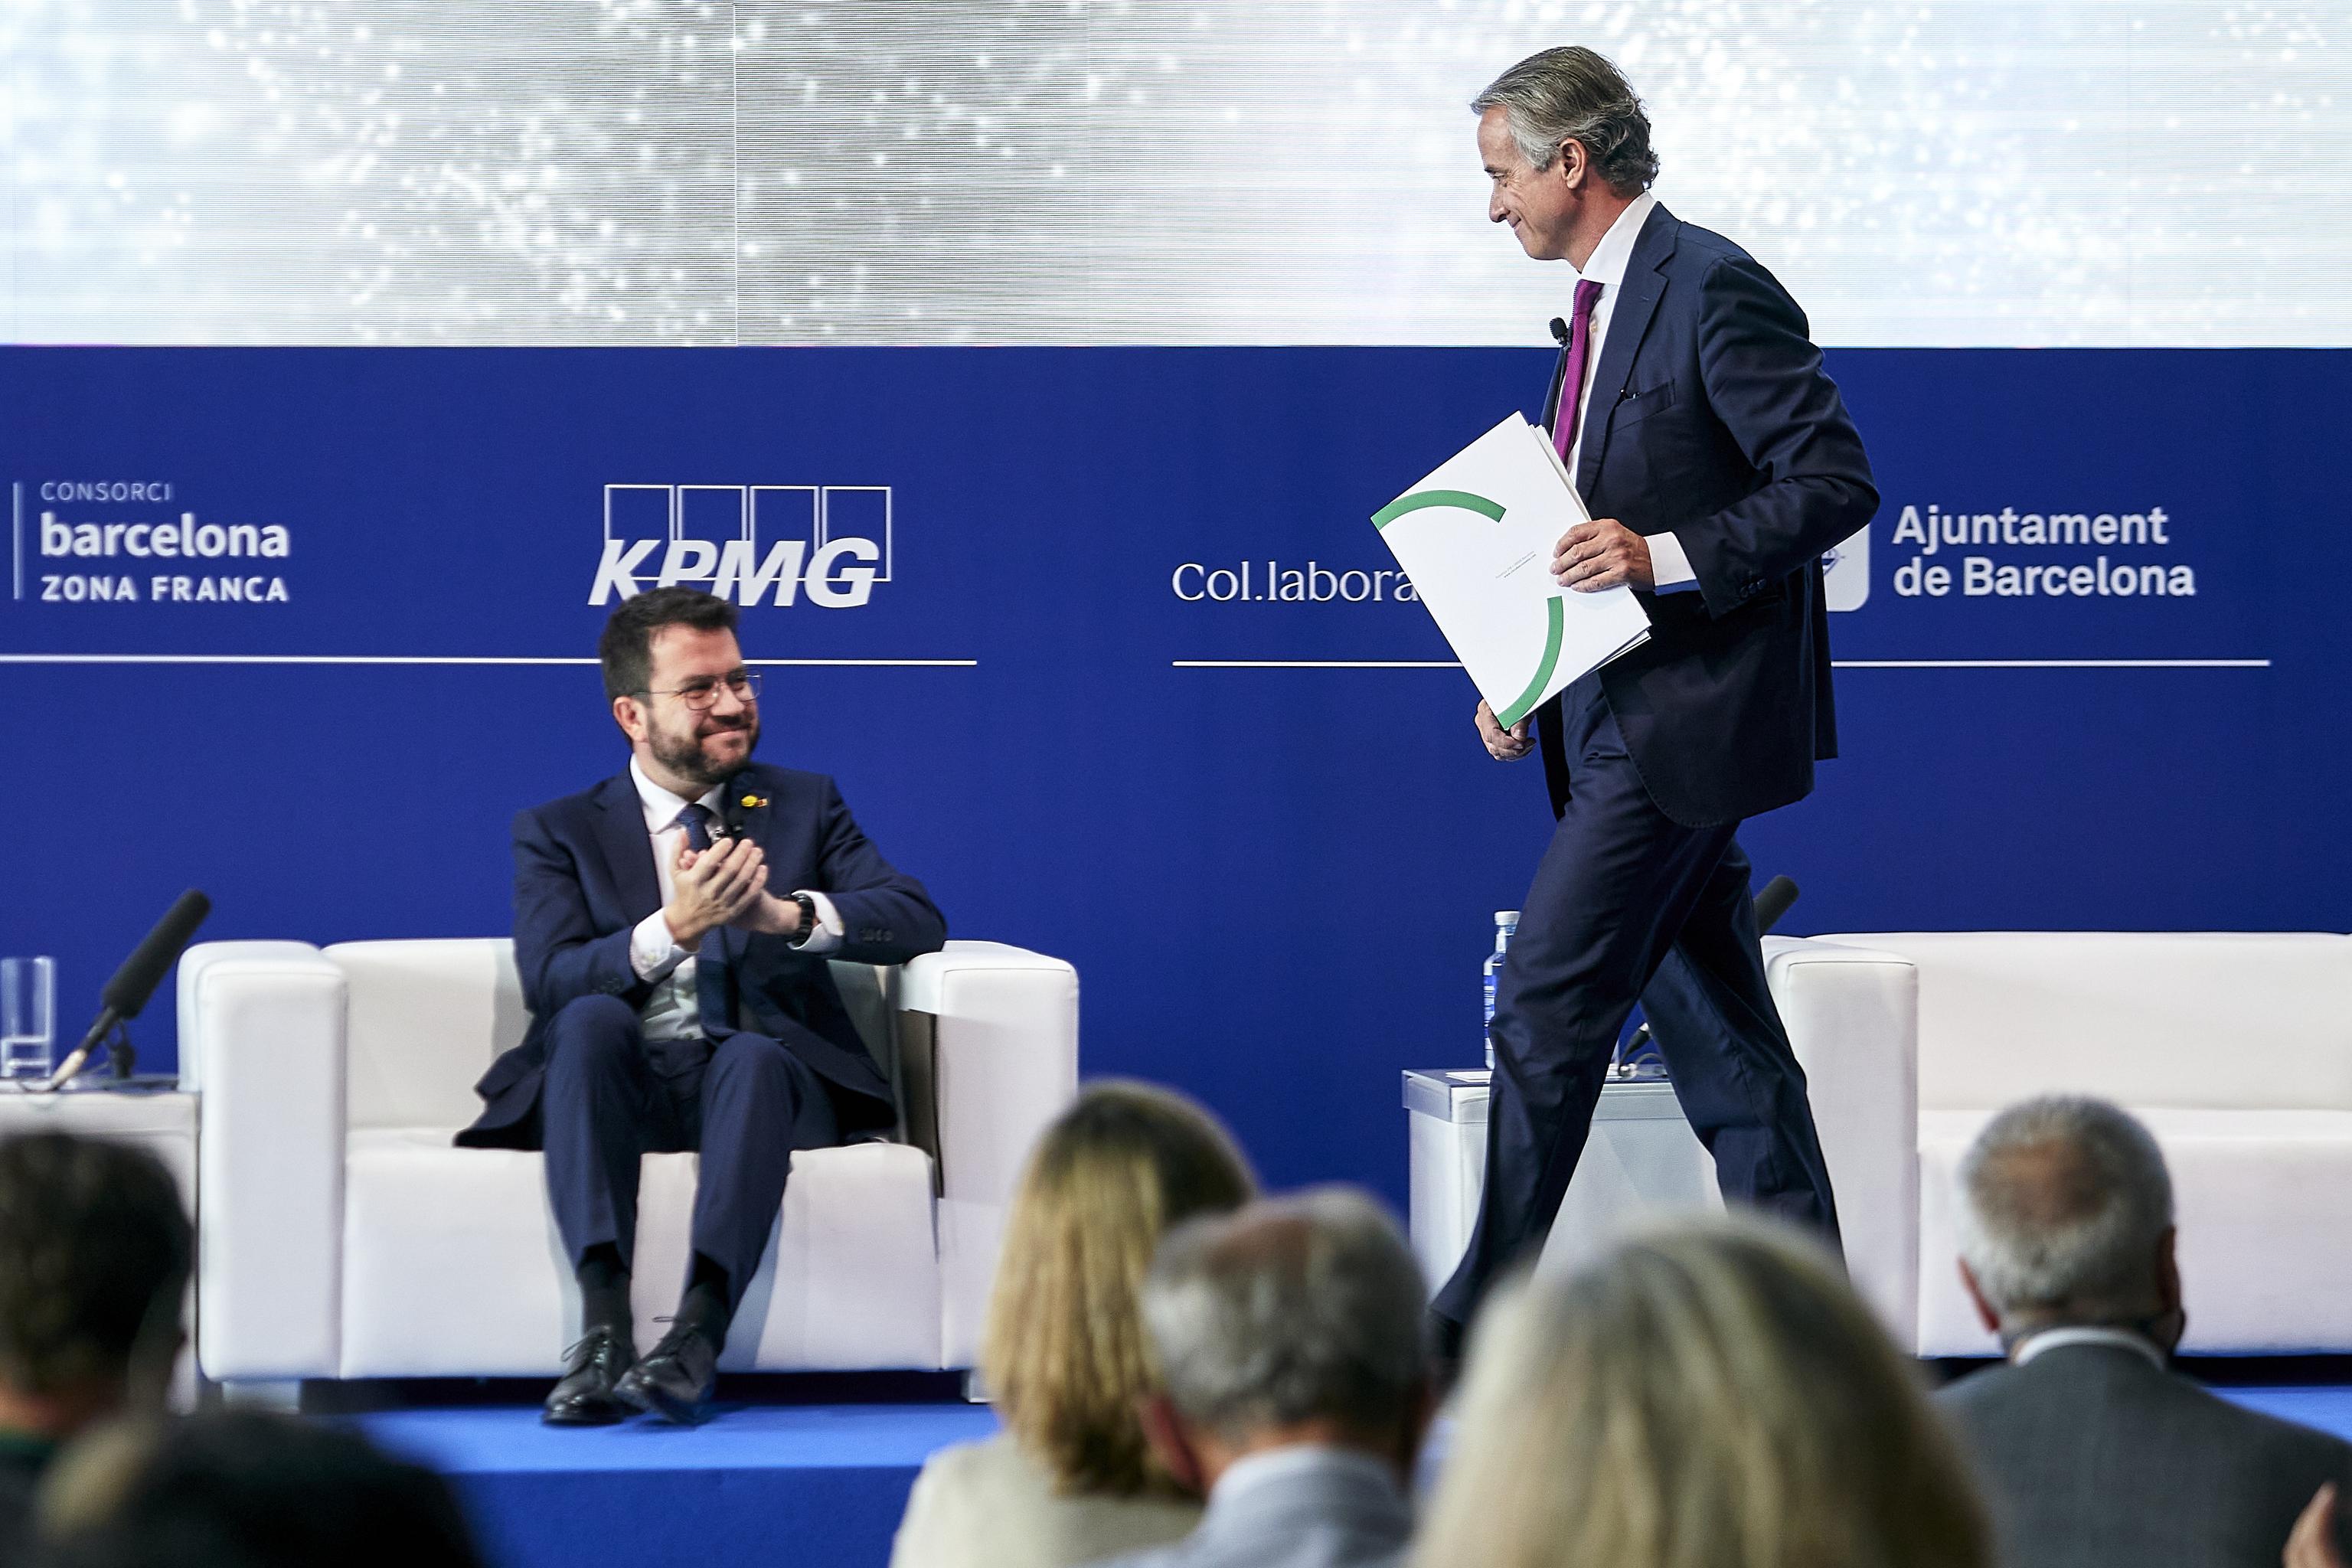 El presidente de la Generalitat, Pere Aragonès, y el del Cercle, Javier Faus